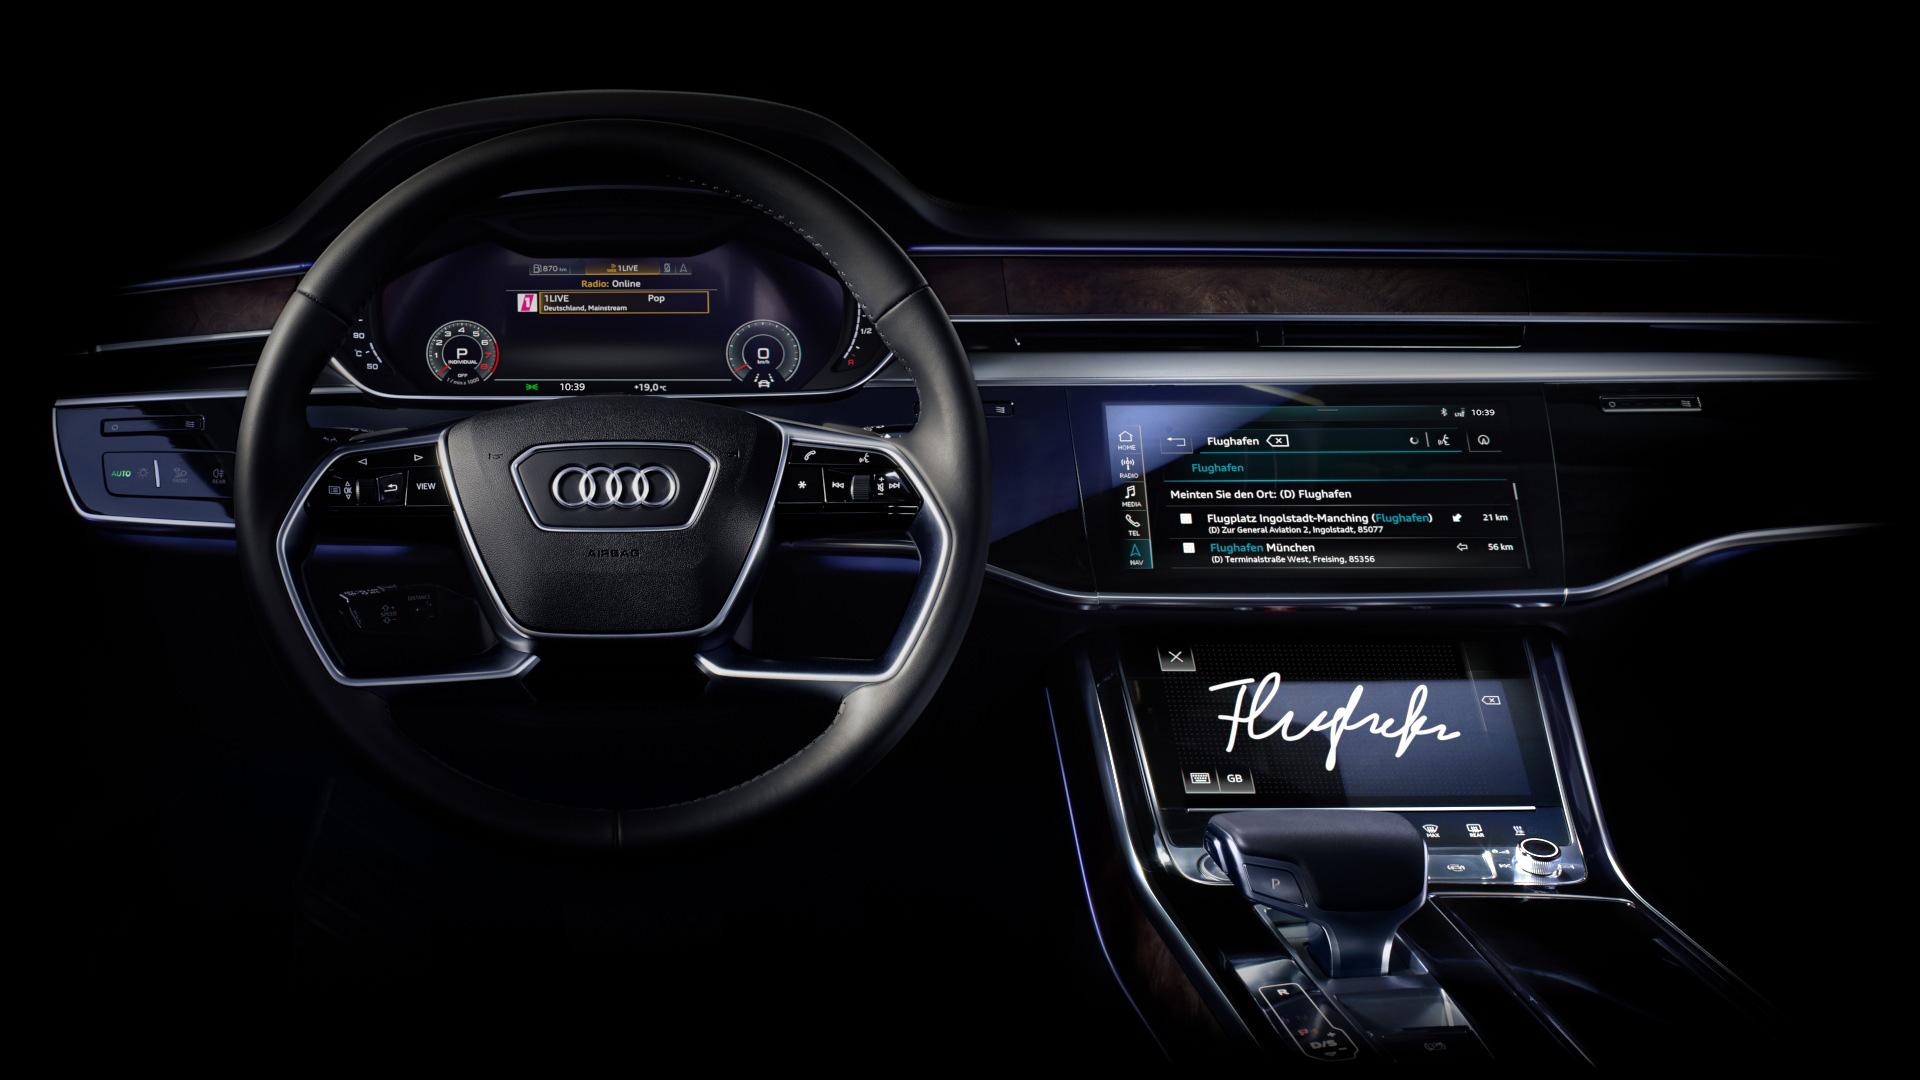 Kekurangan Audi A8 Sportback Harga